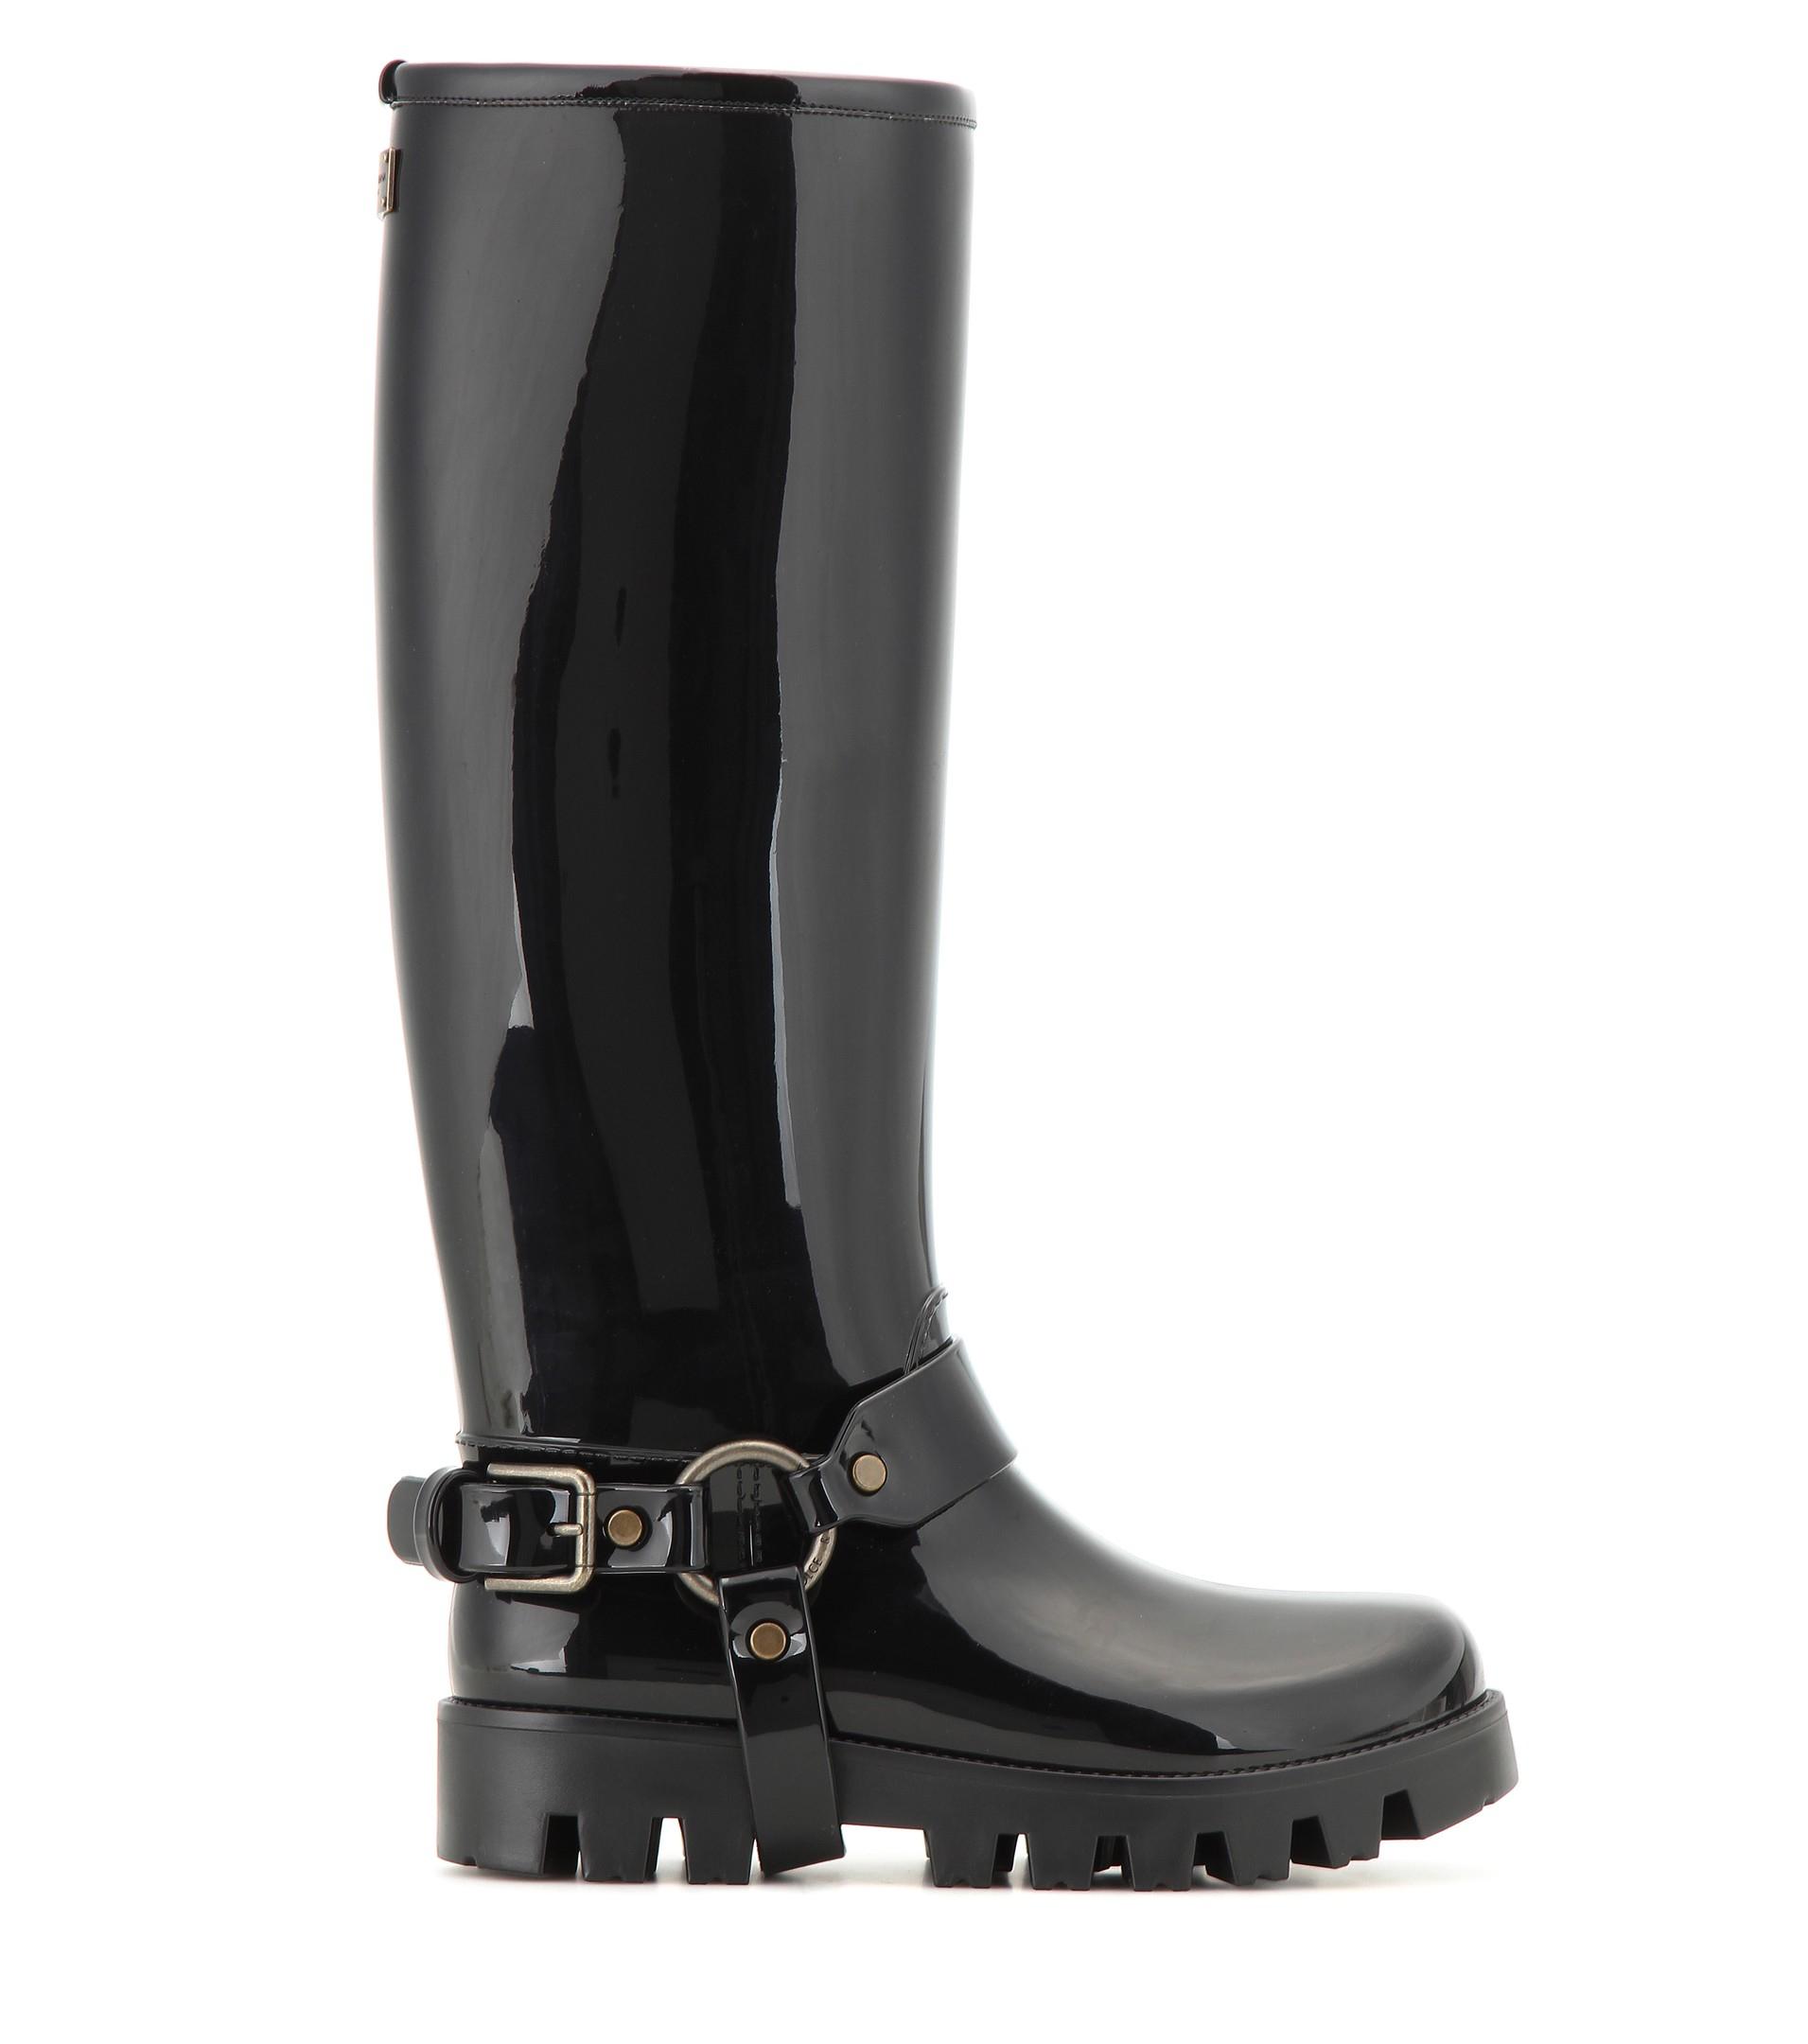 Dolce \u0026 Gabbana Knee-High Rain Boots in